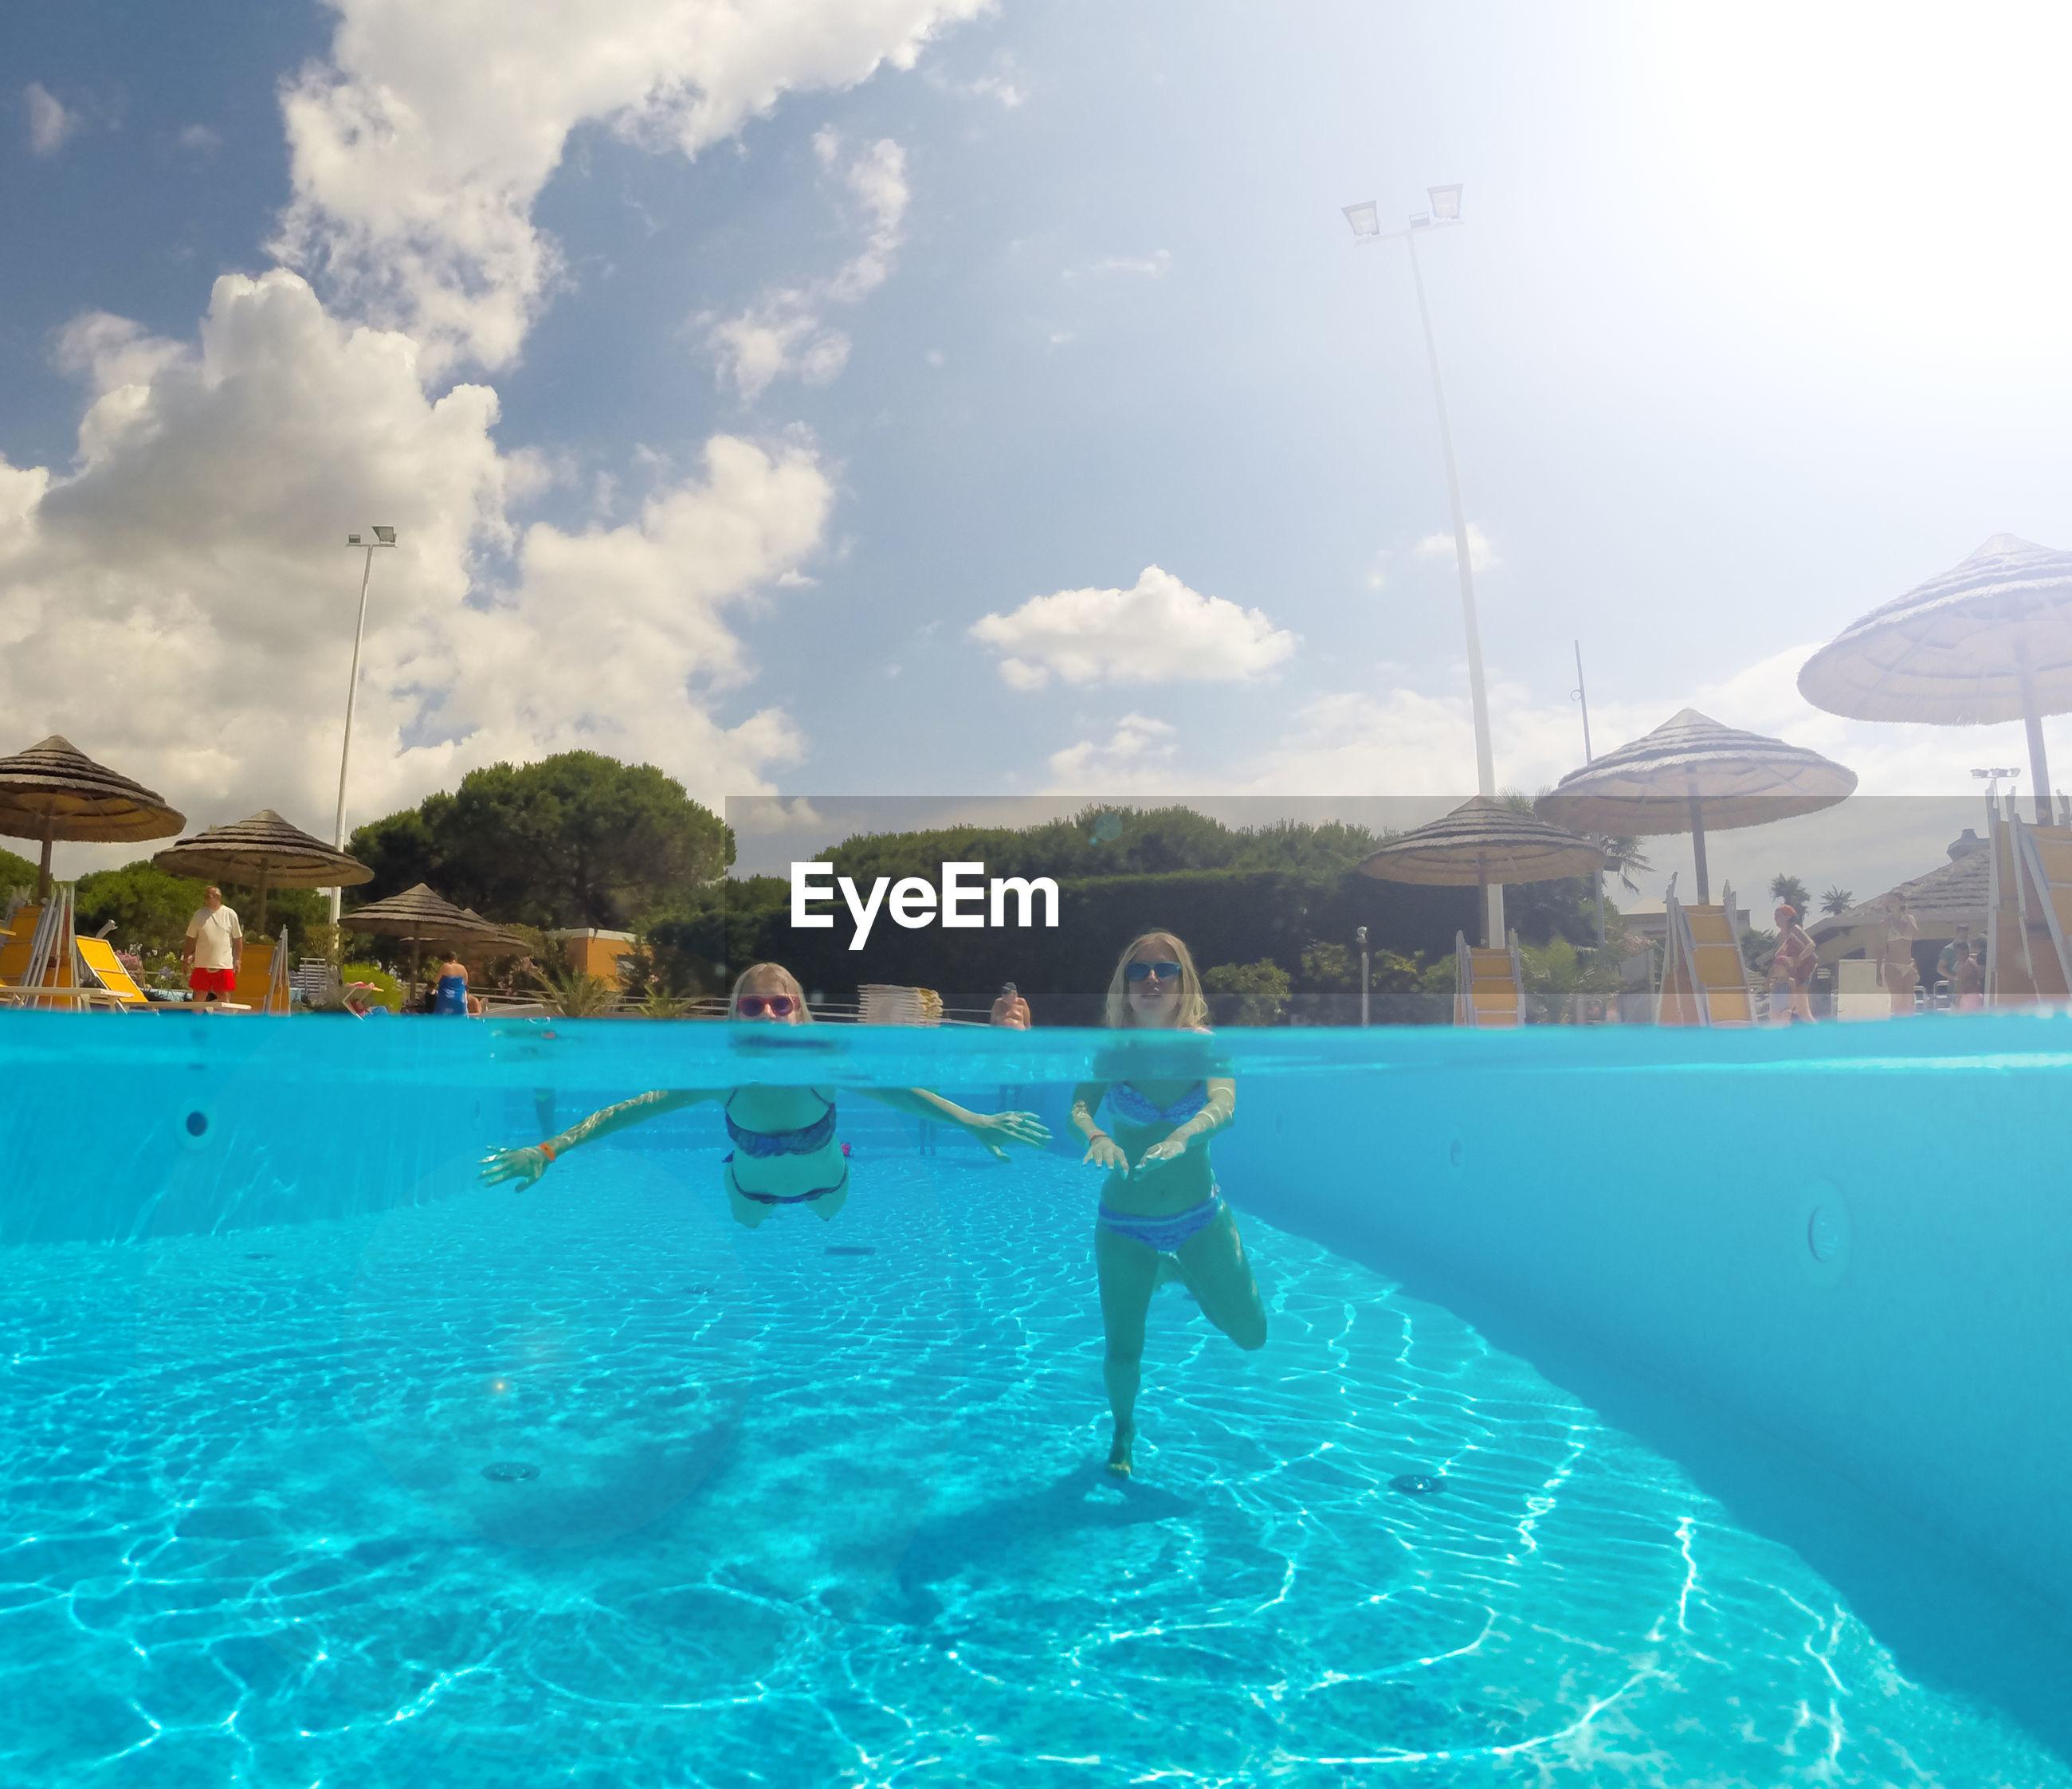 Portrait of women swimming in pool